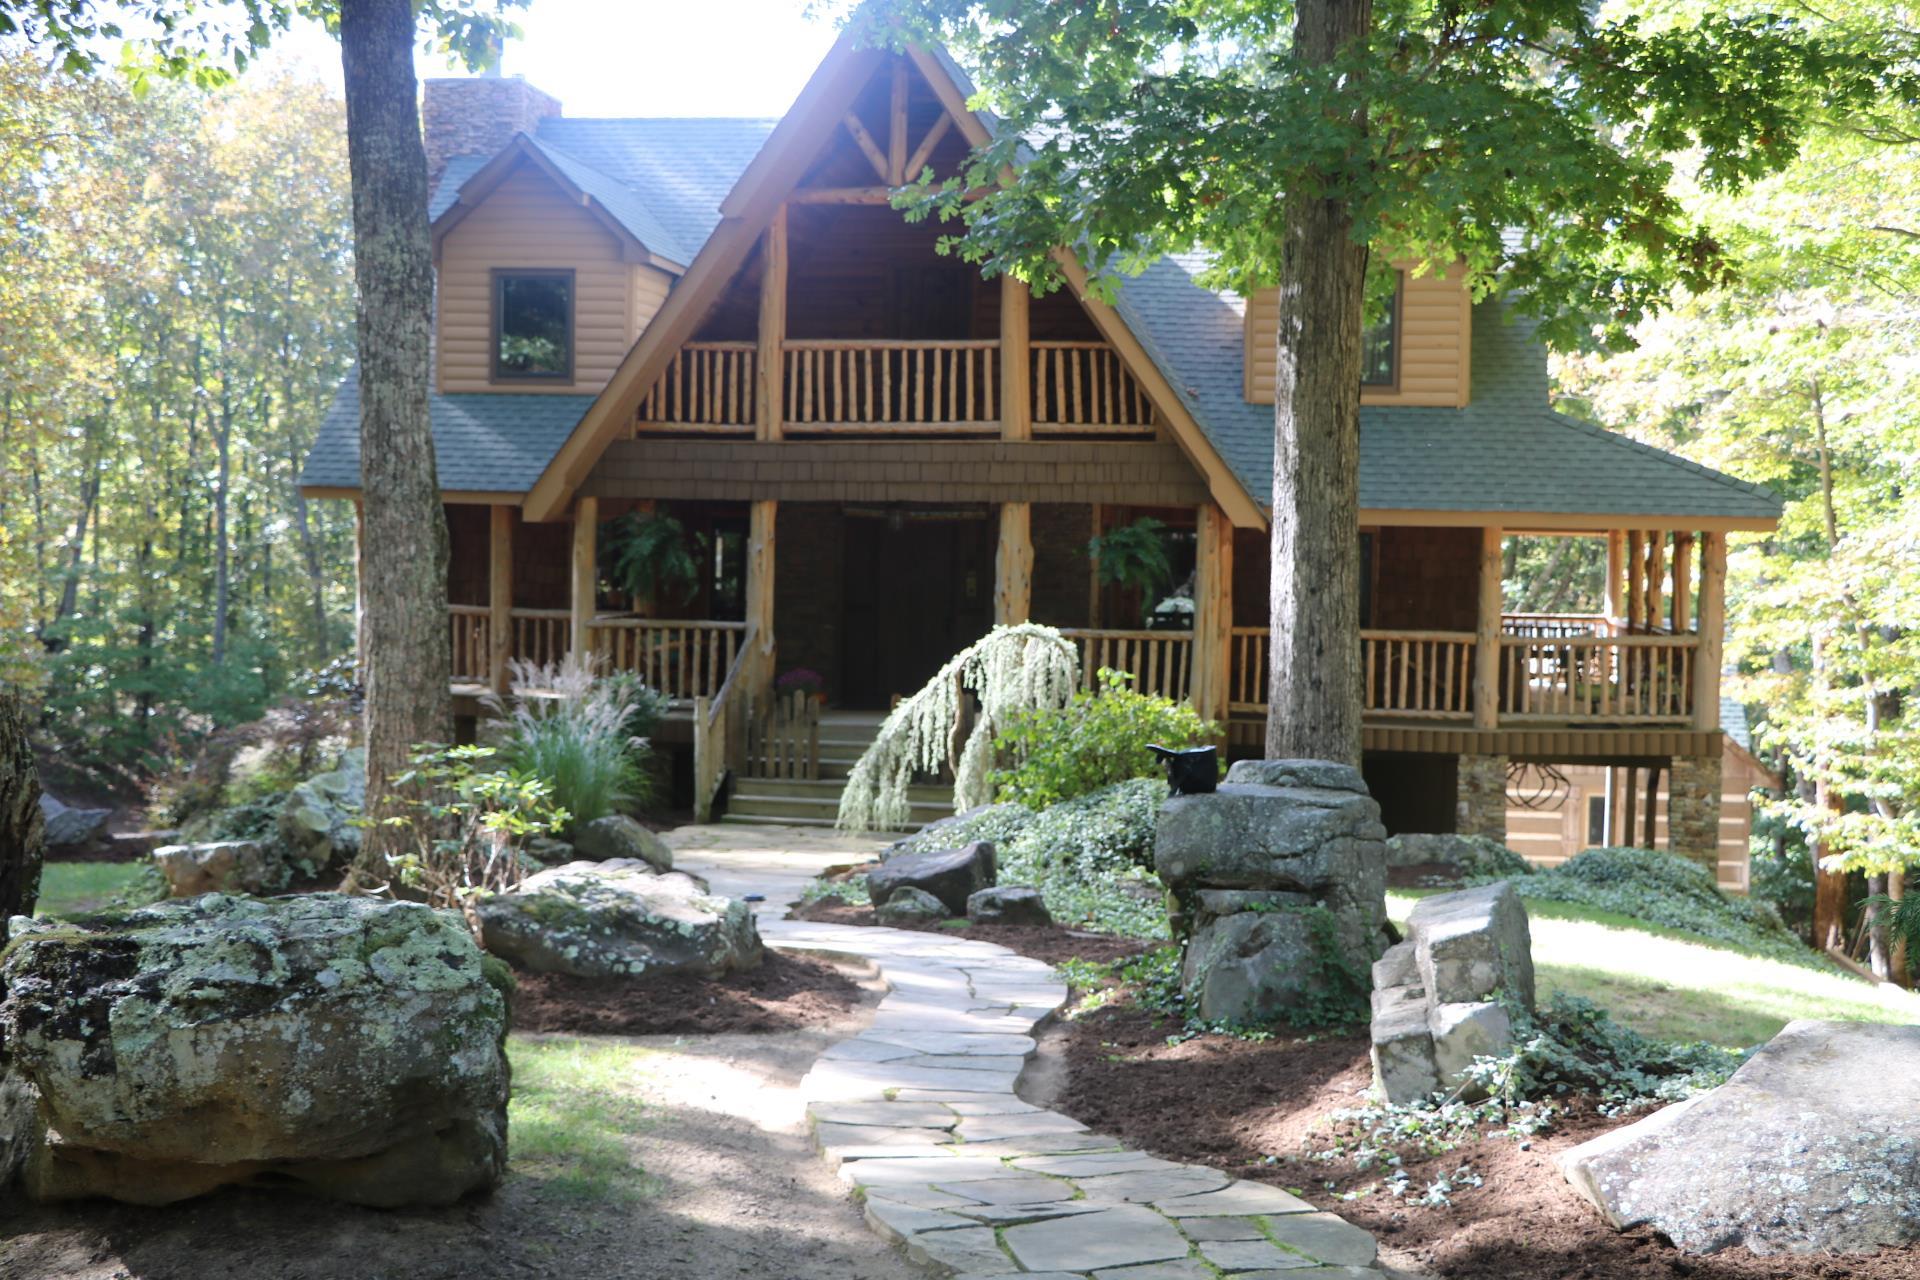 1511 Thomas Rd, S, Monteagle, TN 37356 - Monteagle, TN real estate listing